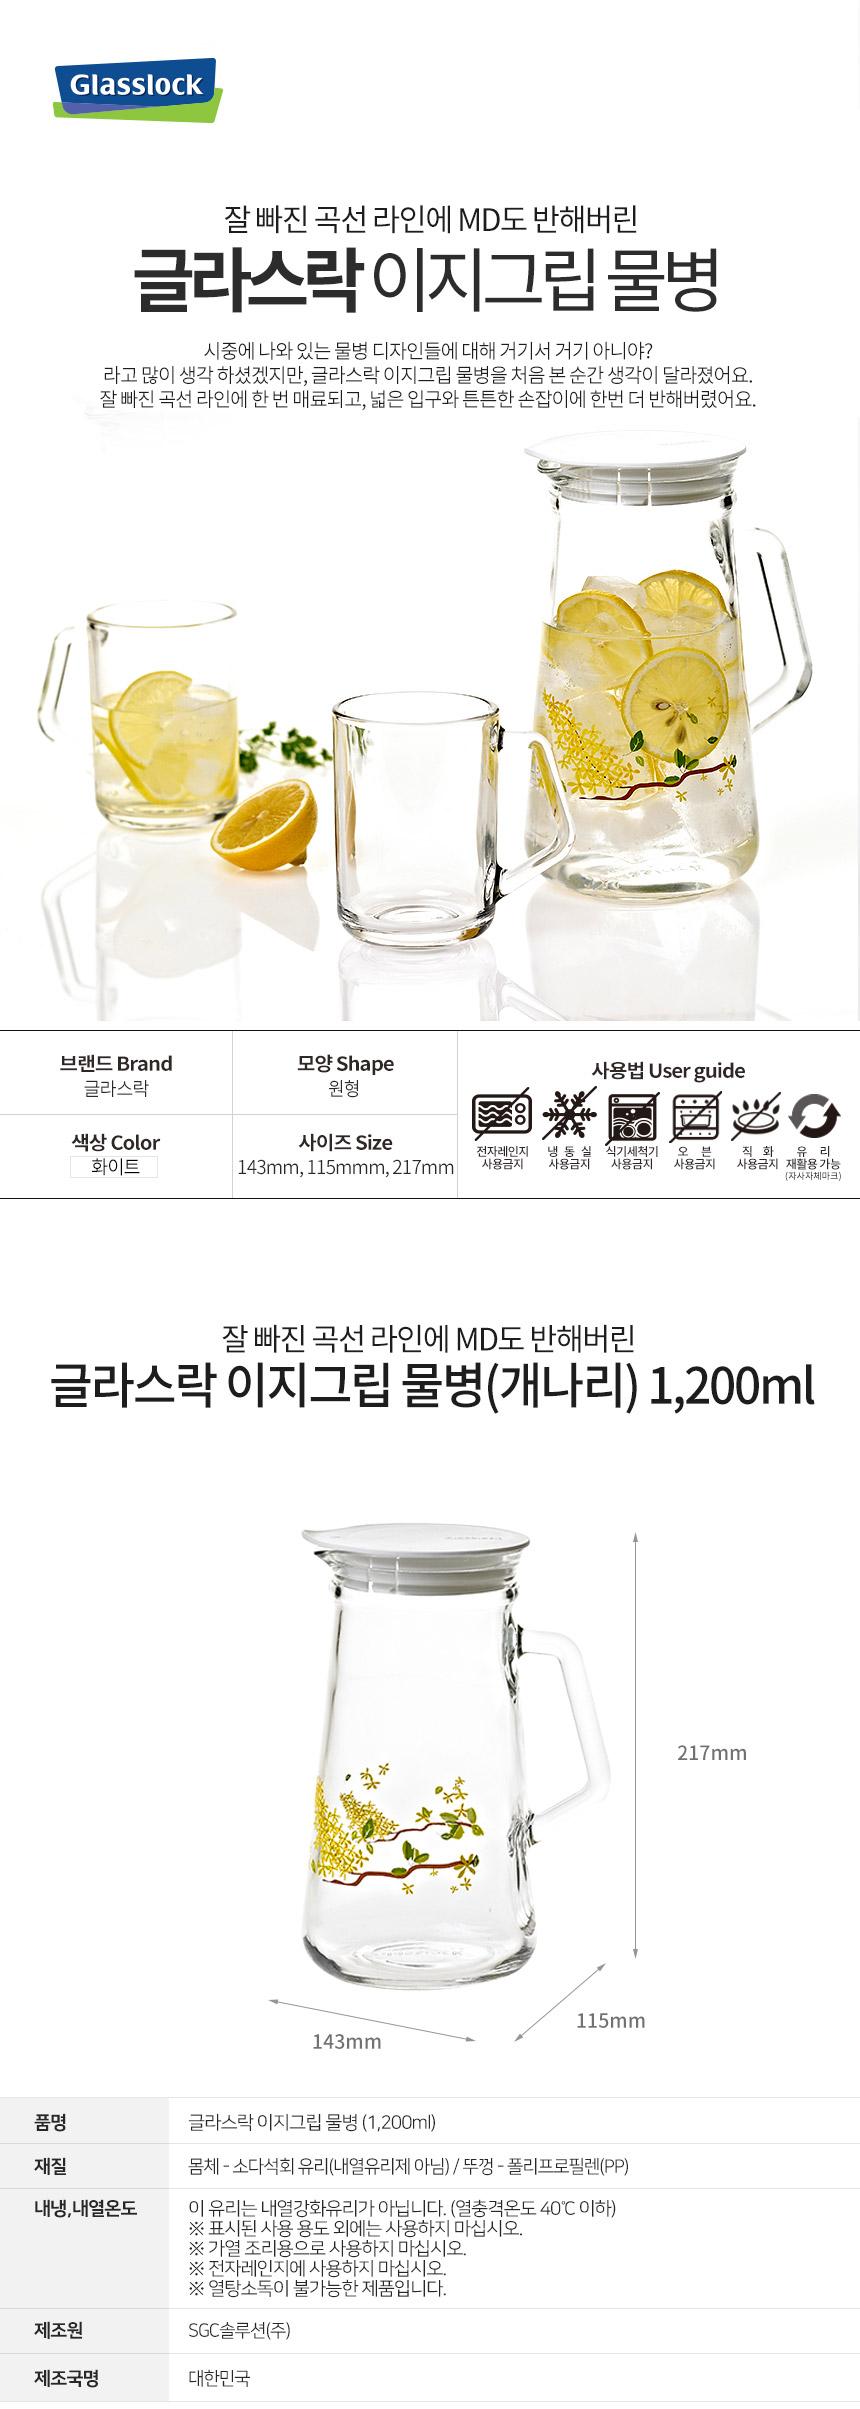 글라스락 이지그립 물병(개나리) 1.2L - 글라스락, 5,900원, 유리컵/술잔, 유리컵